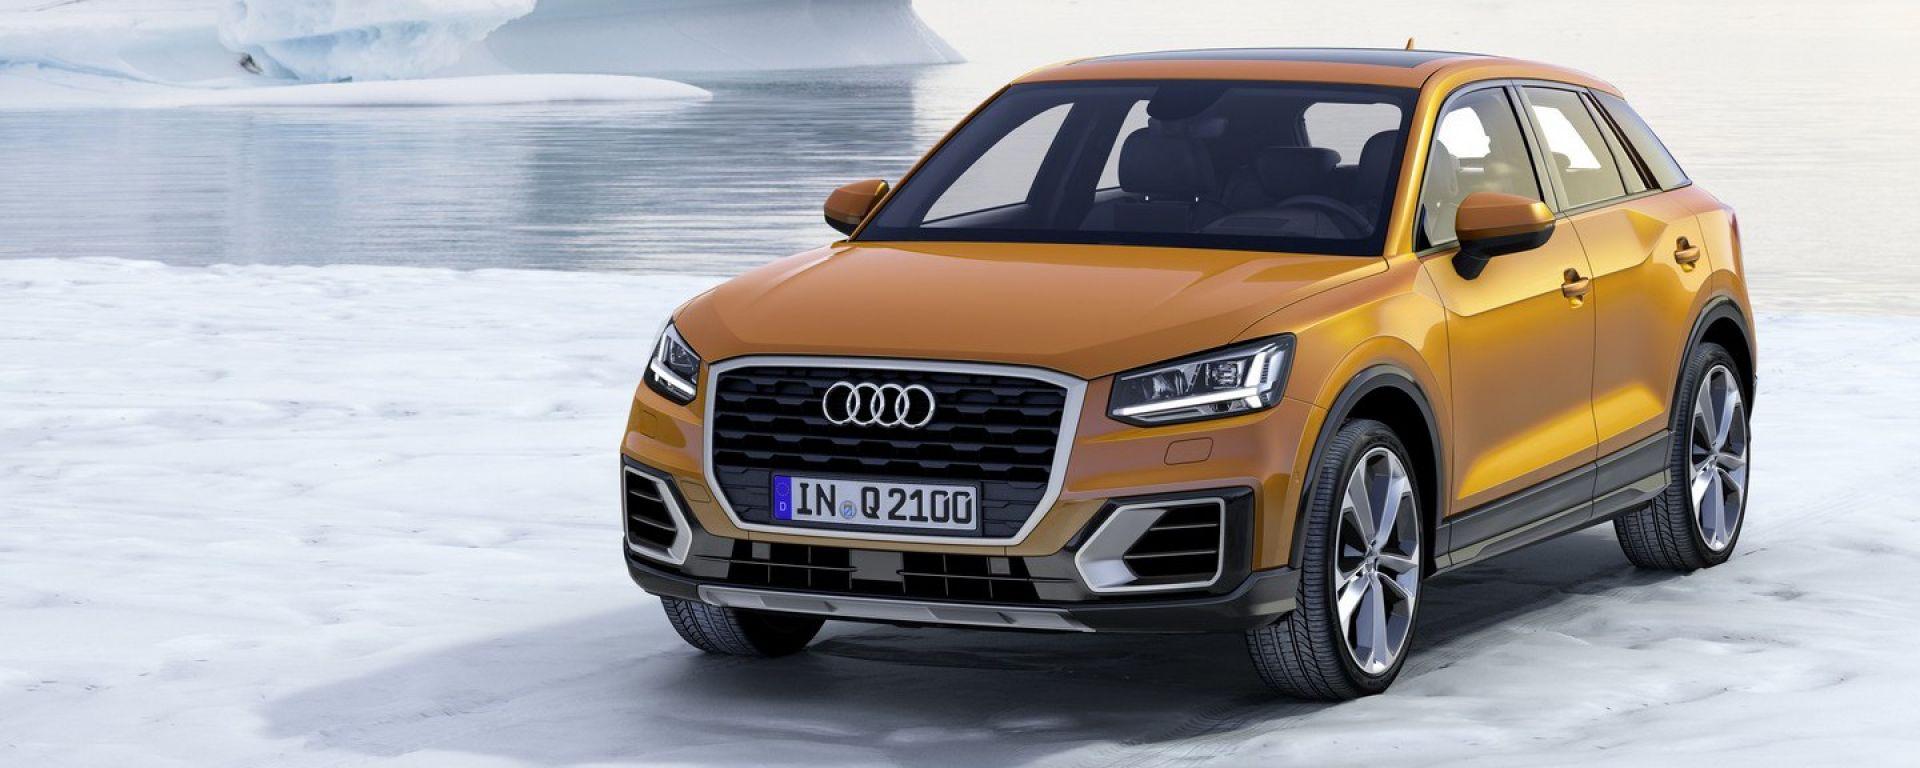 Audi Q2 al Salone di Ginevra 2016